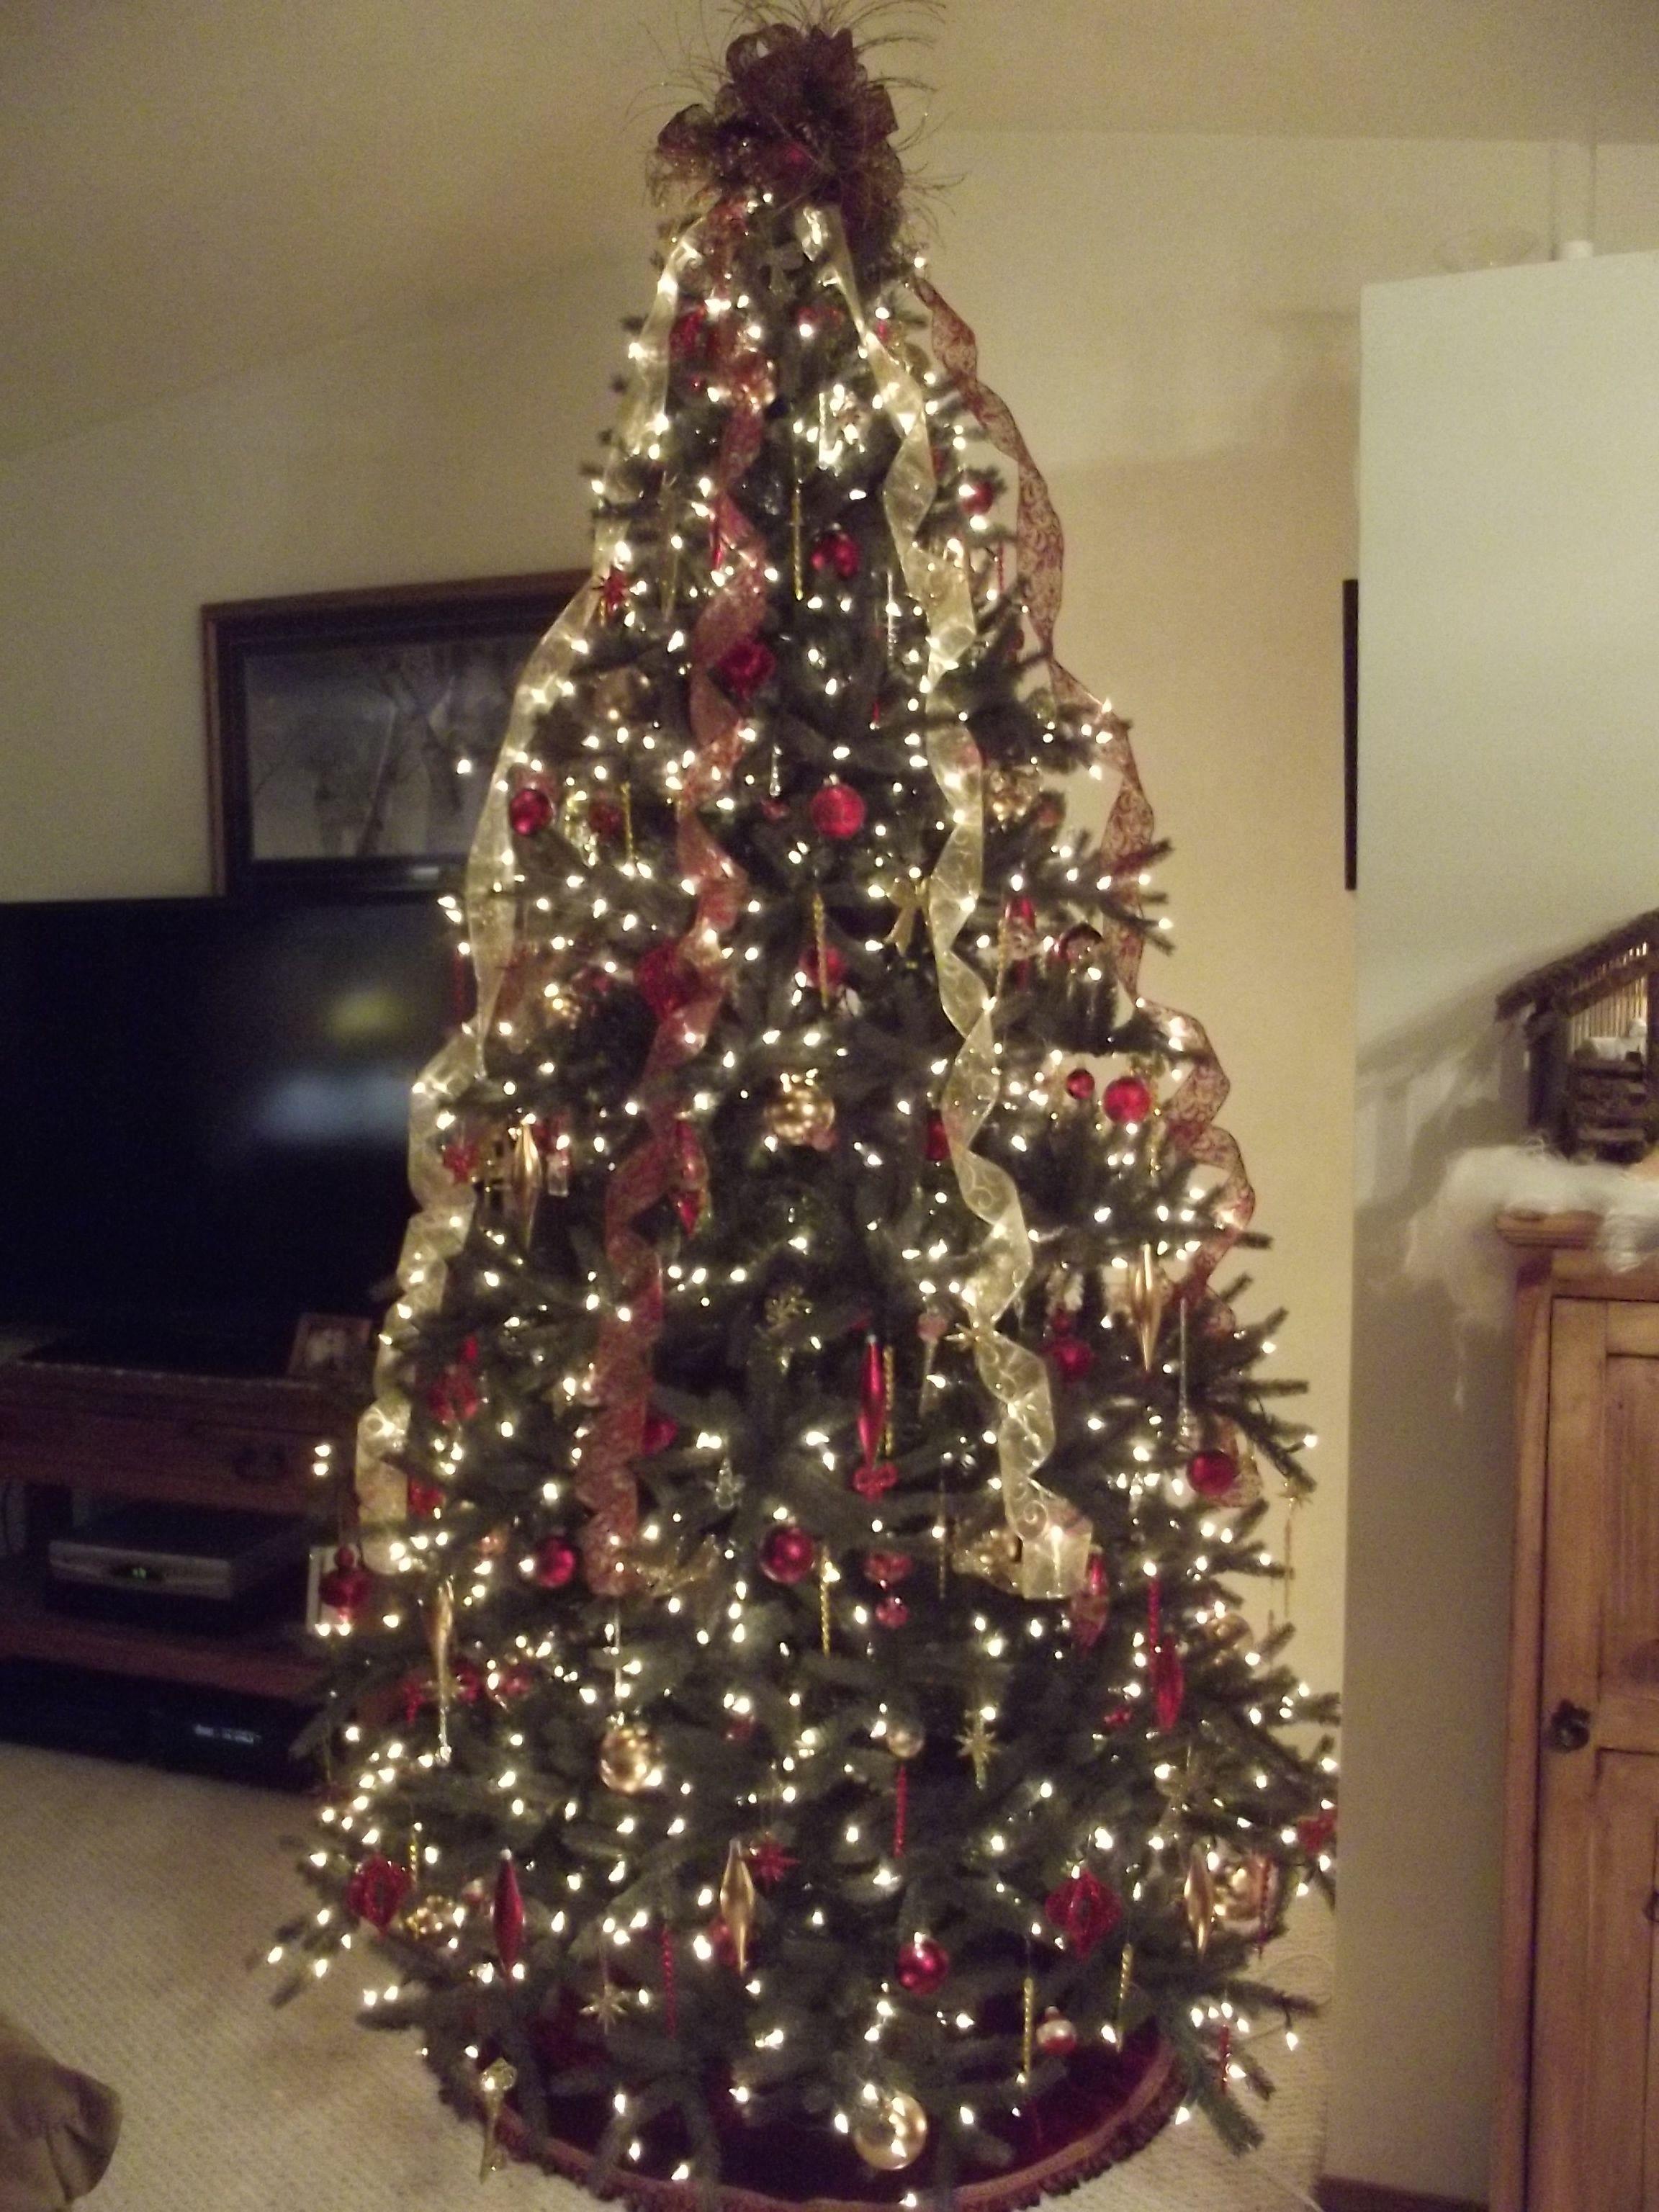 Christmas Tree Ideas From Shopko Customers Holiday